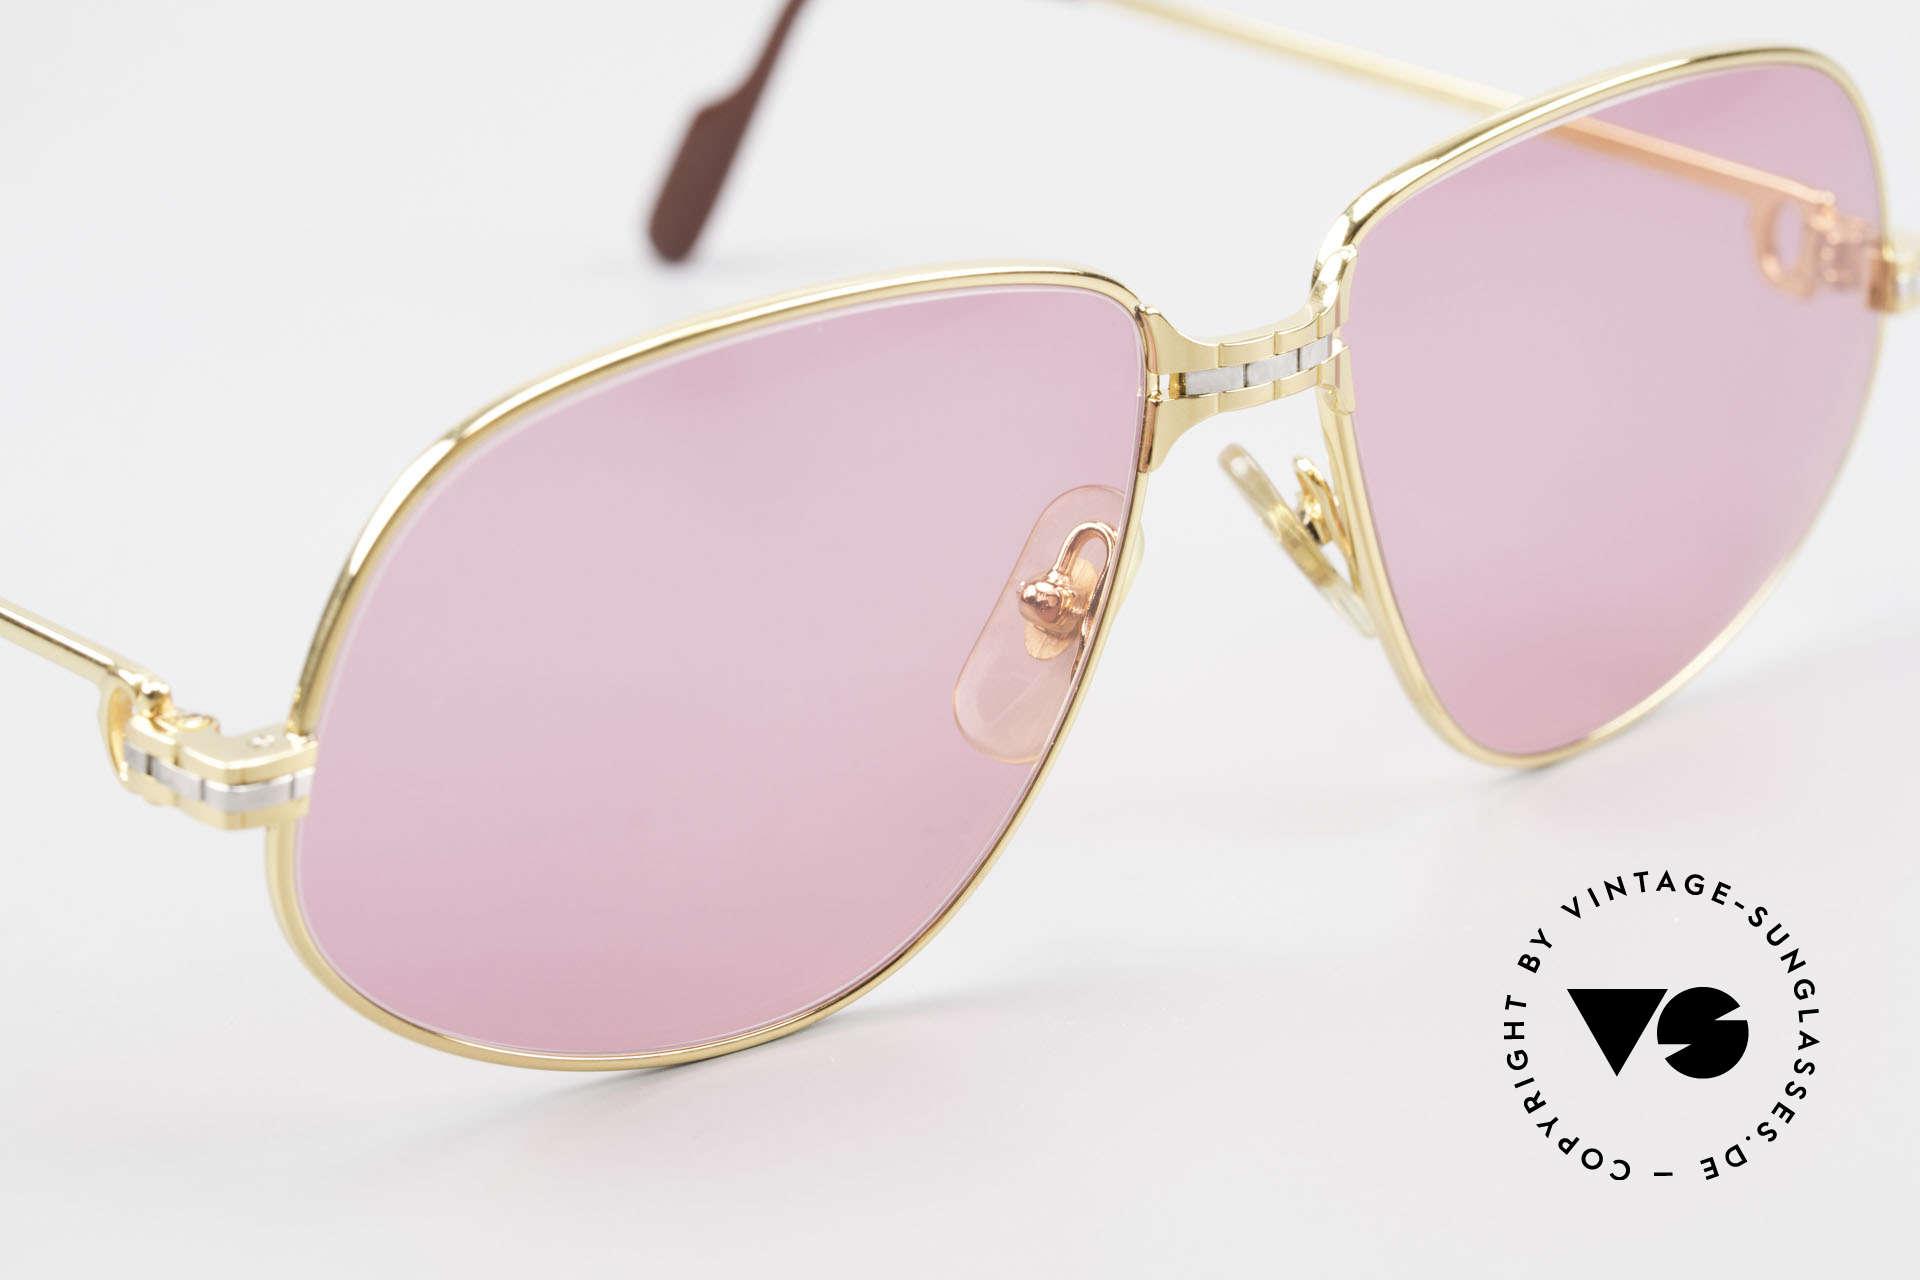 Cartier Panthere G.M. - M Pinke Brille mit Chanel Etui, 2nd hand Modell im neuwertigen Zustand + CHANEL Etui, Passend für Herren und Damen